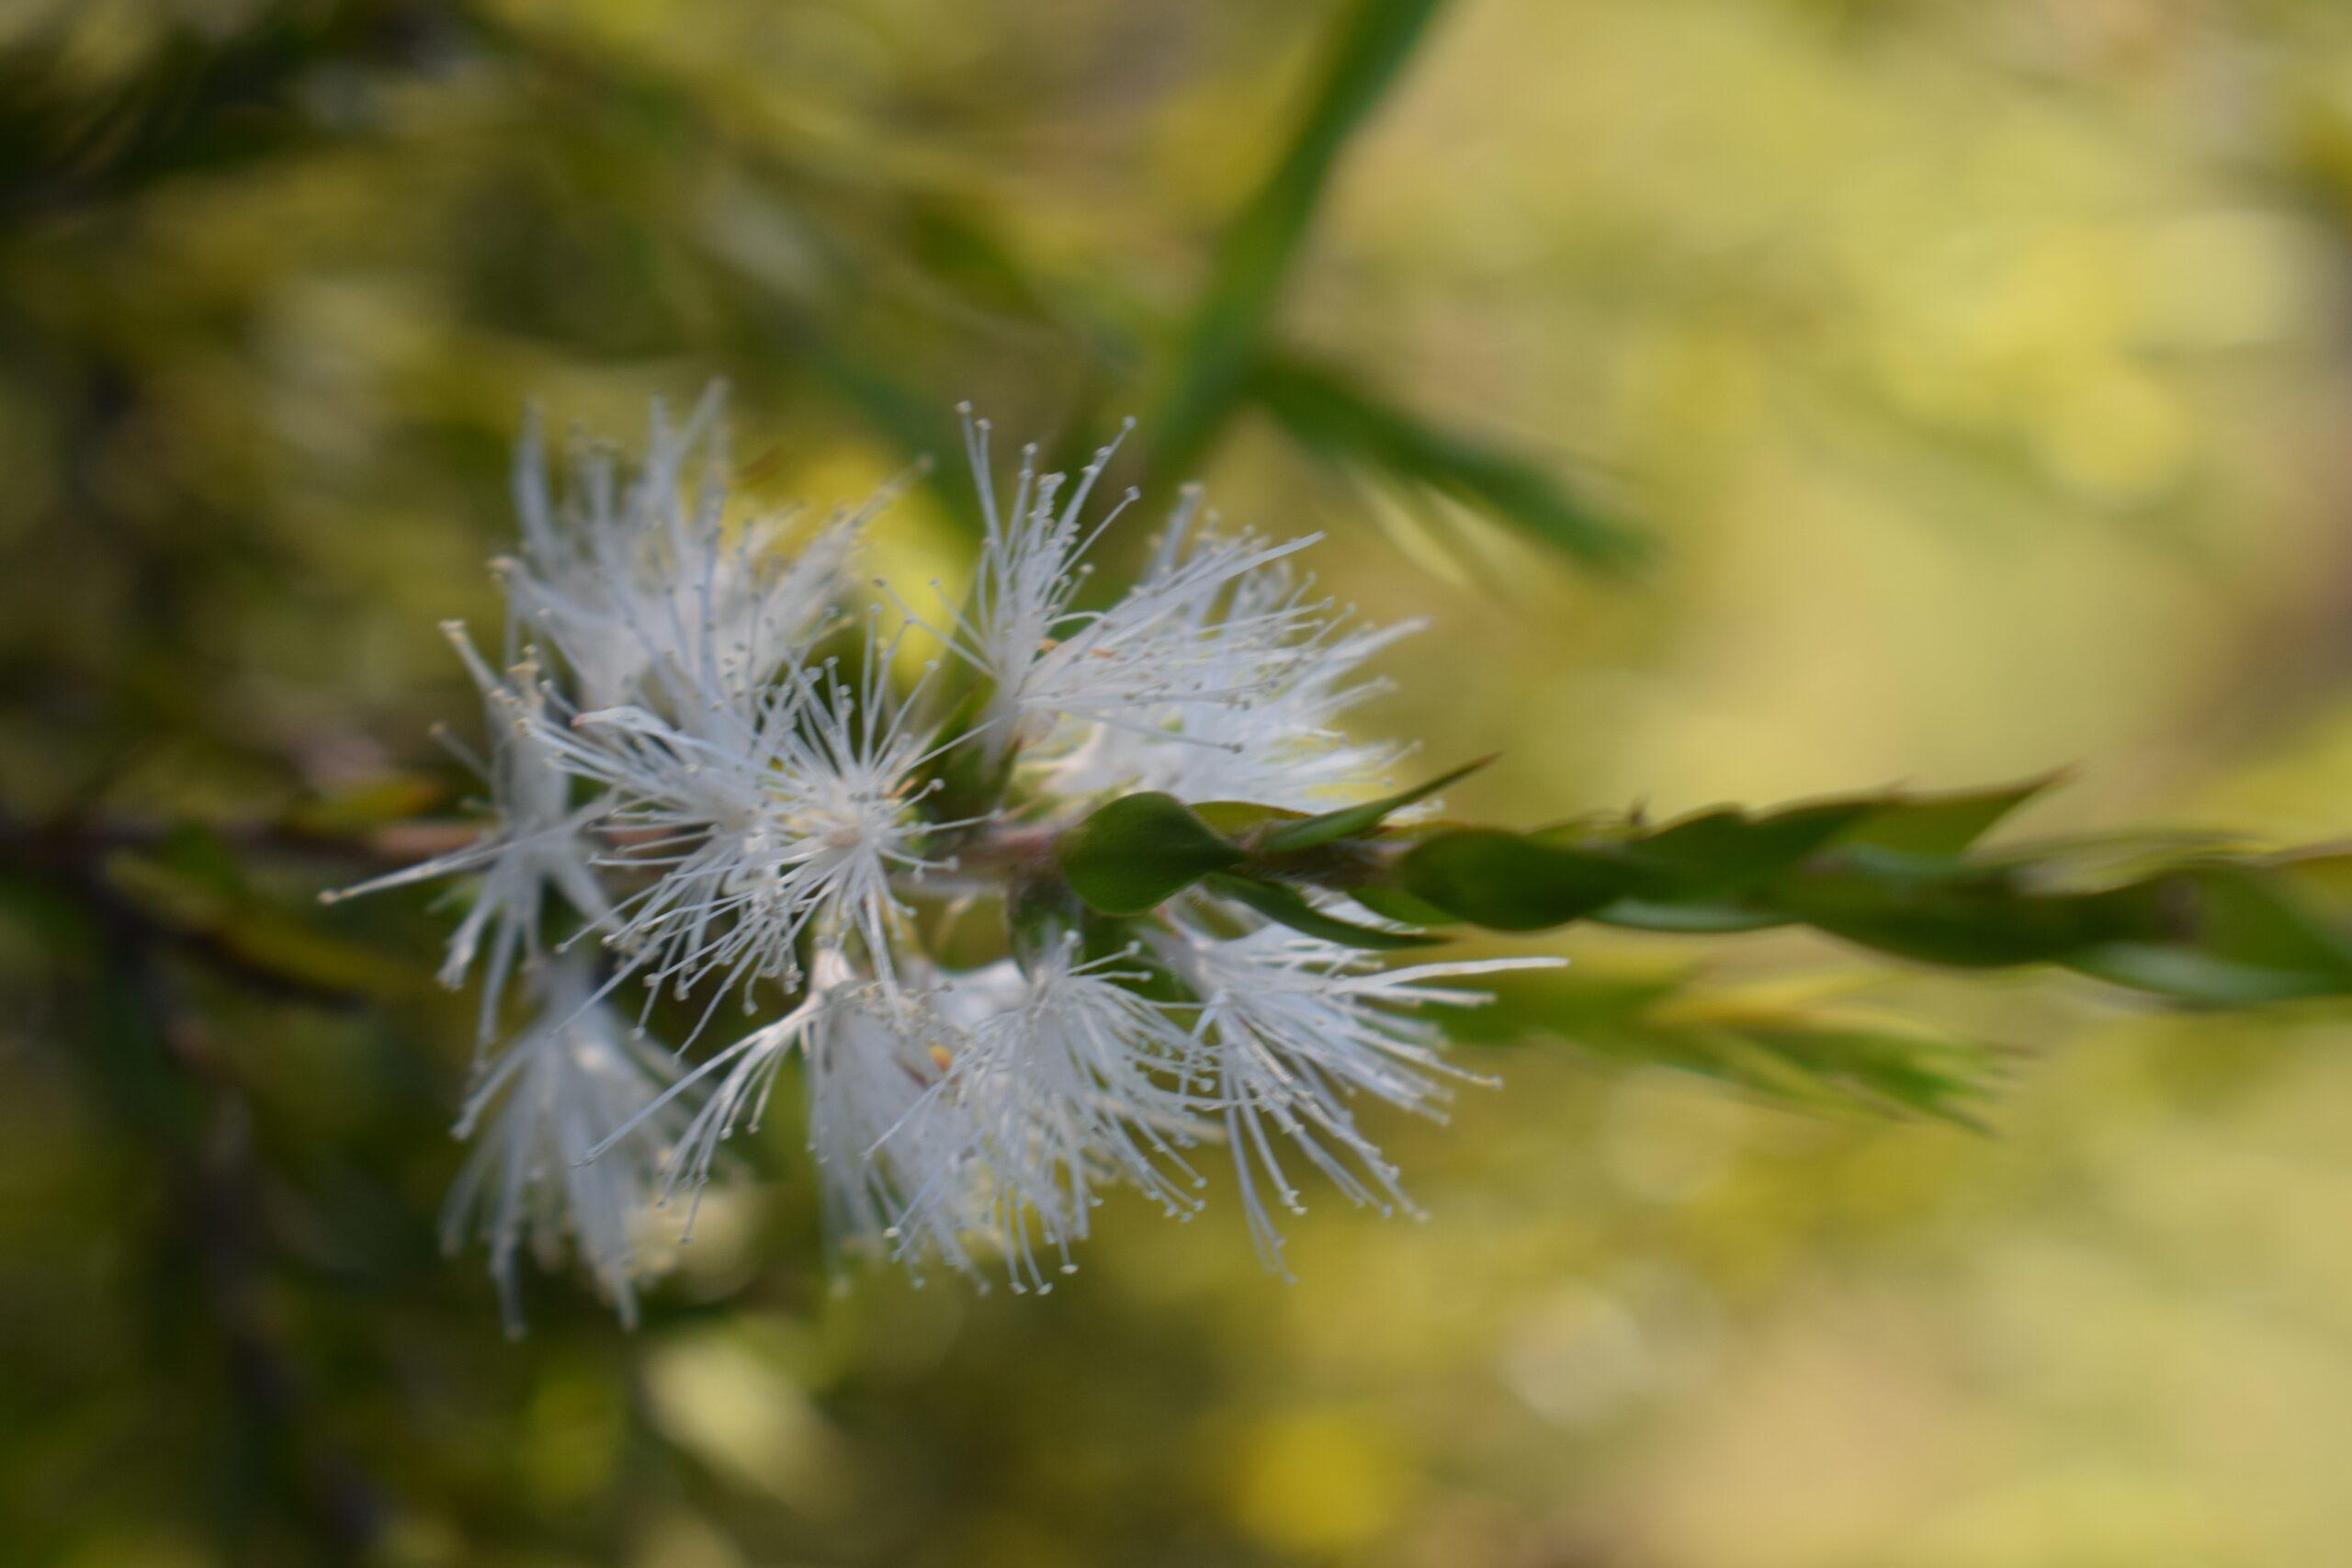 A Tea Tree flower